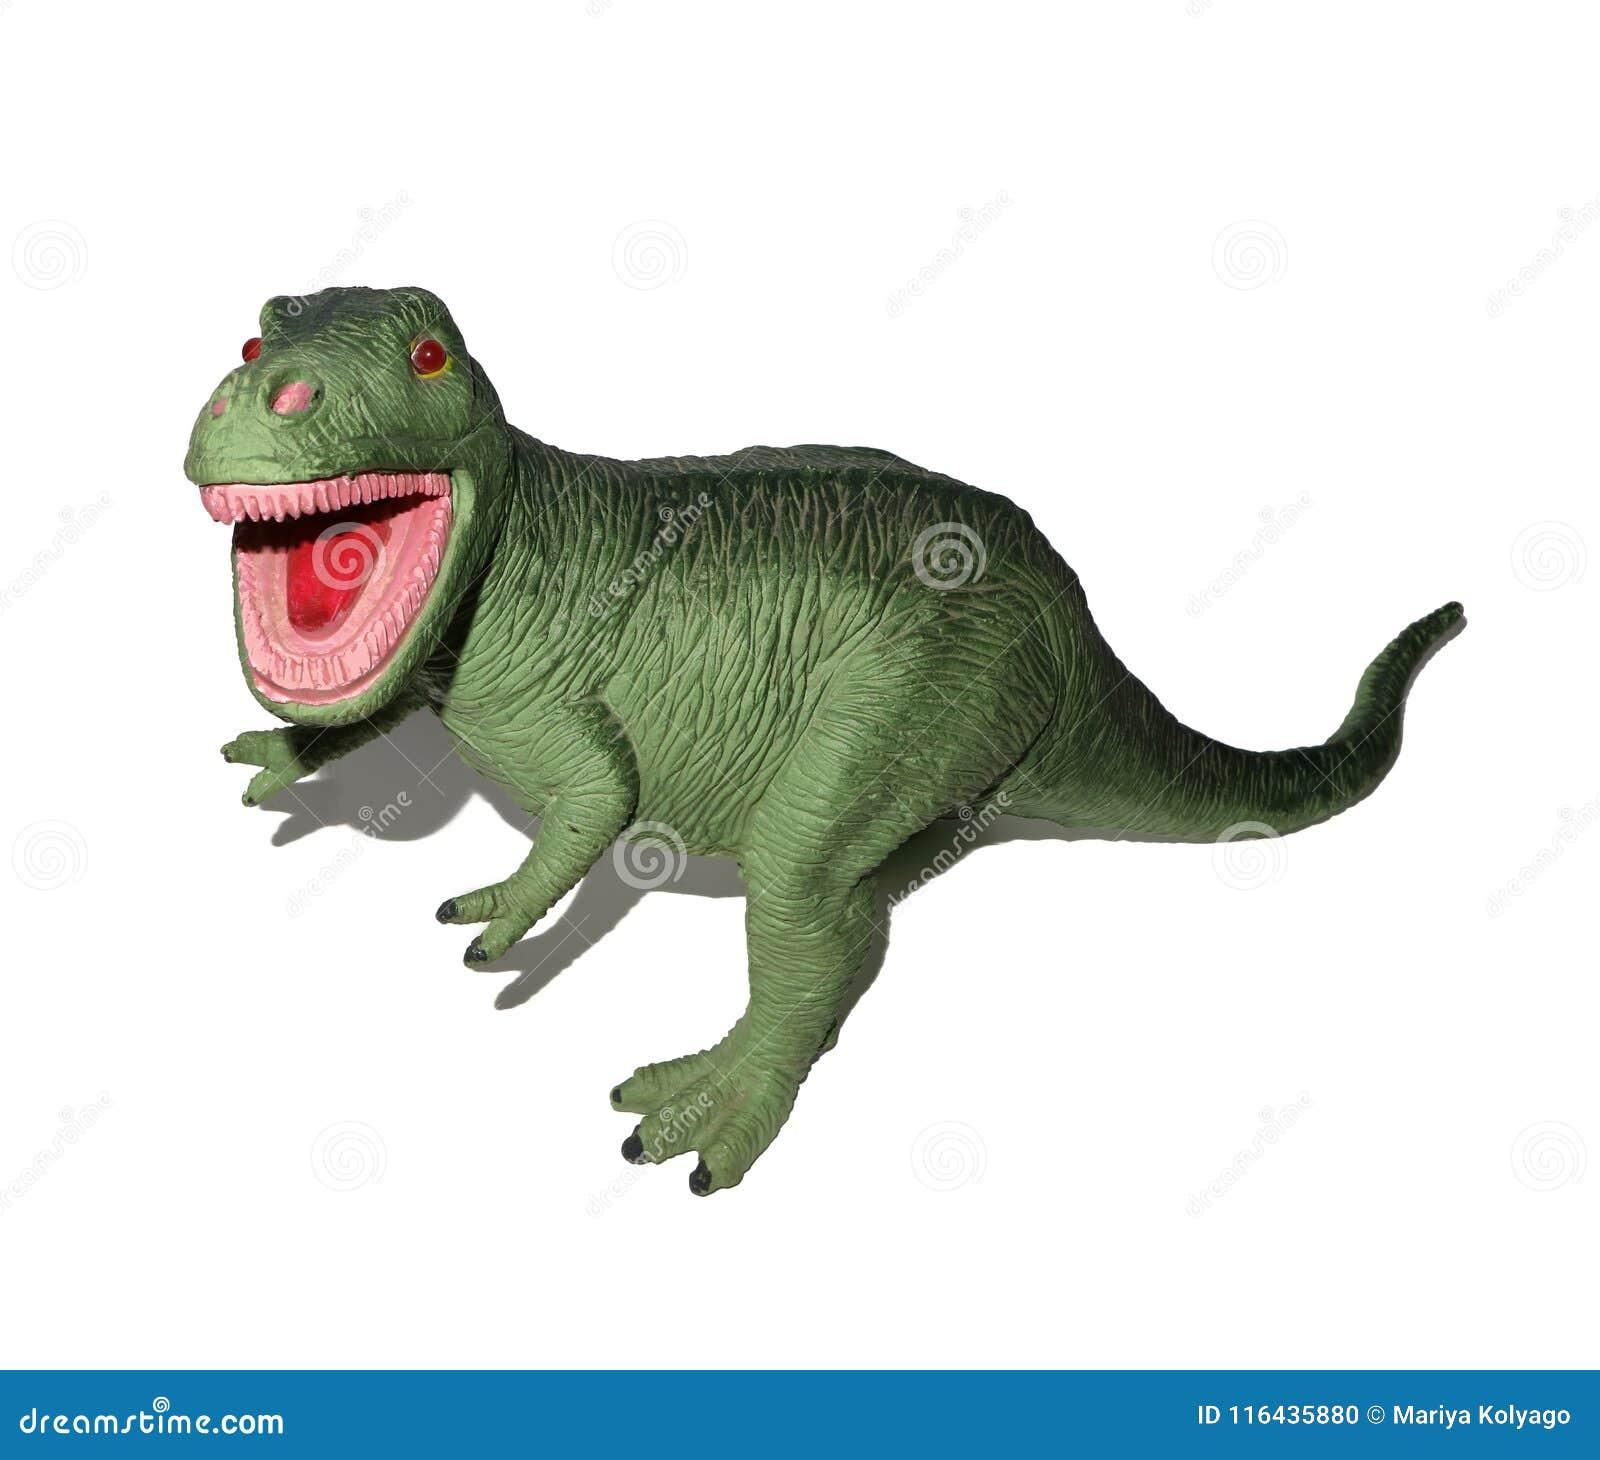 Plastique Sur Dinosaure Fond Rex De Jouet En Blanc Photo Stock Le b76IYfygvm